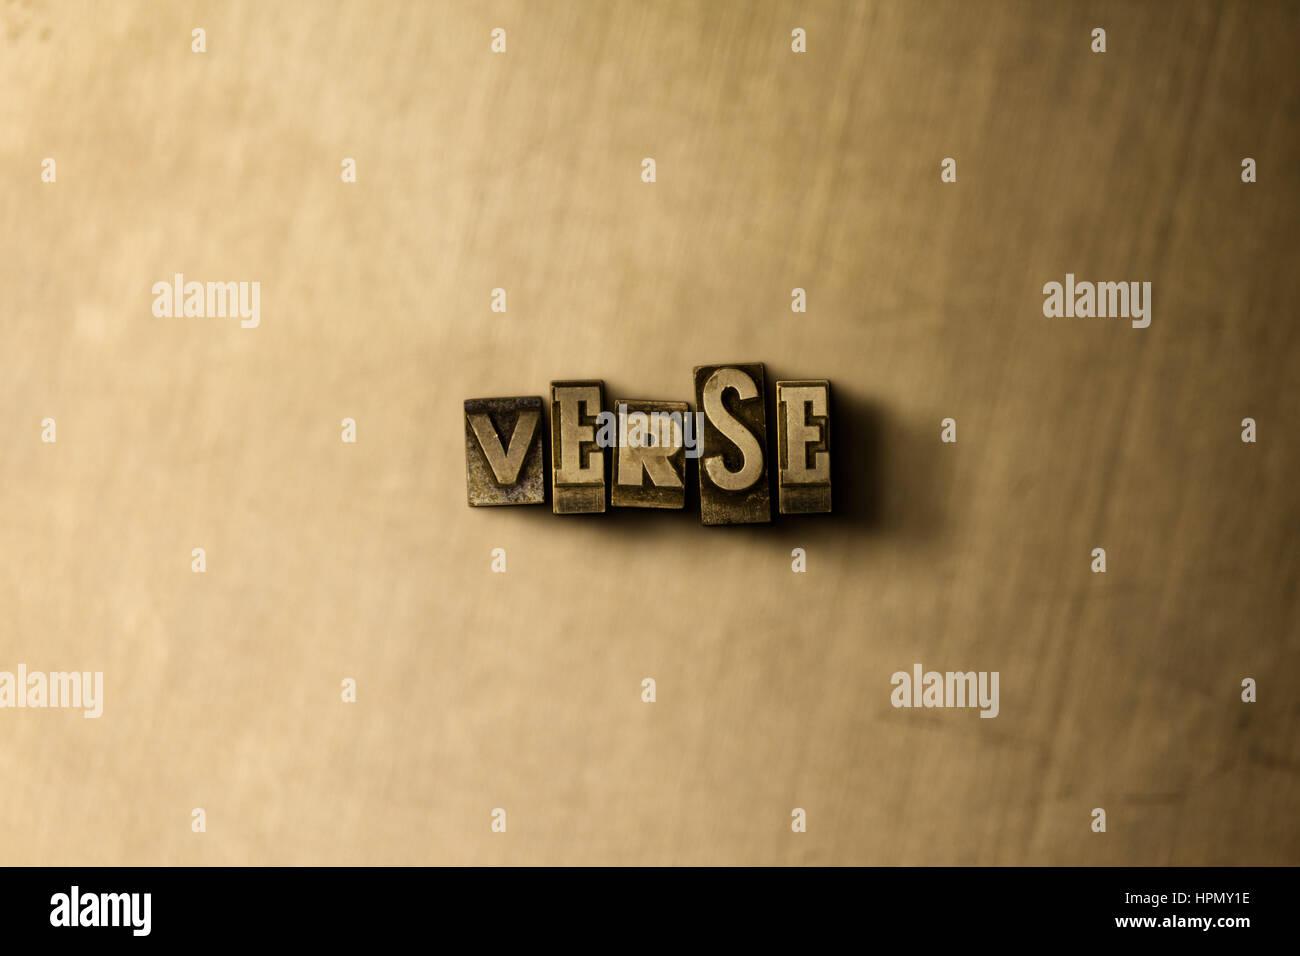 Verset - close-up de grungy vintage imprimé sur toile métallique mot. Illustration libres de droits. Peut être utilisé pour des bannières publicitaires en ligne et courrier direct Banque D'Images